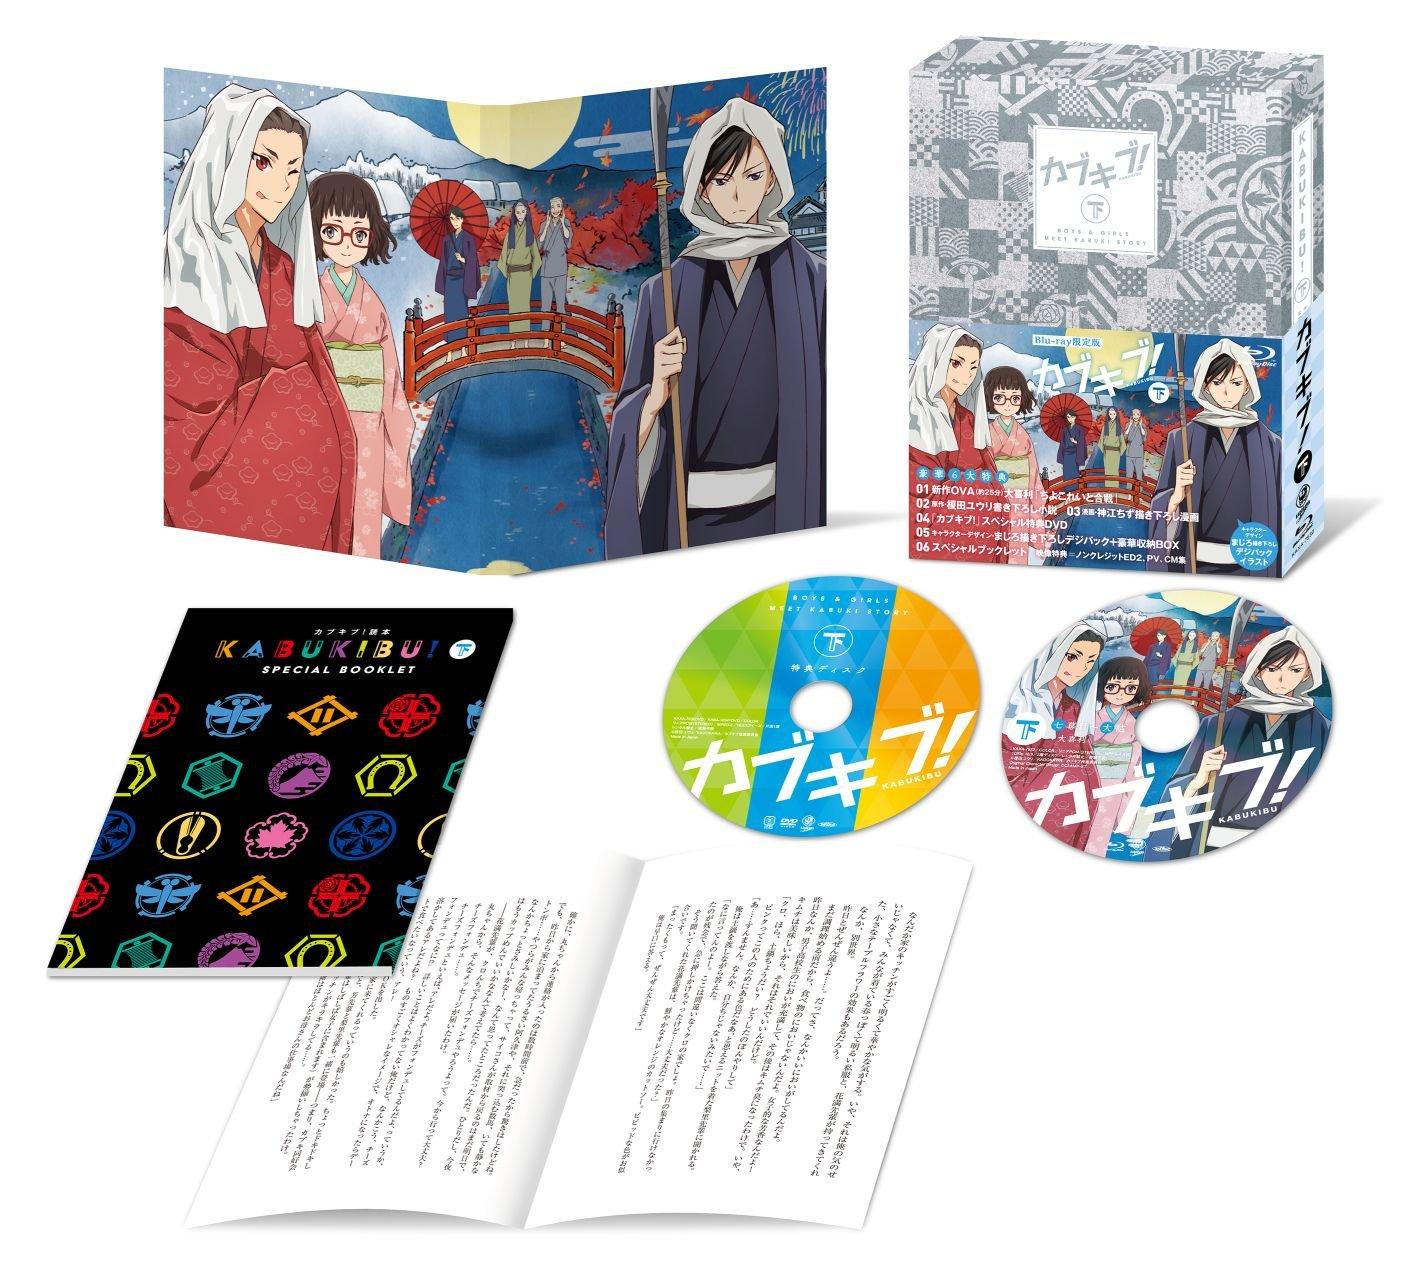 『カブキブ!』Blu-ray&DVD BOX下巻 発売情報